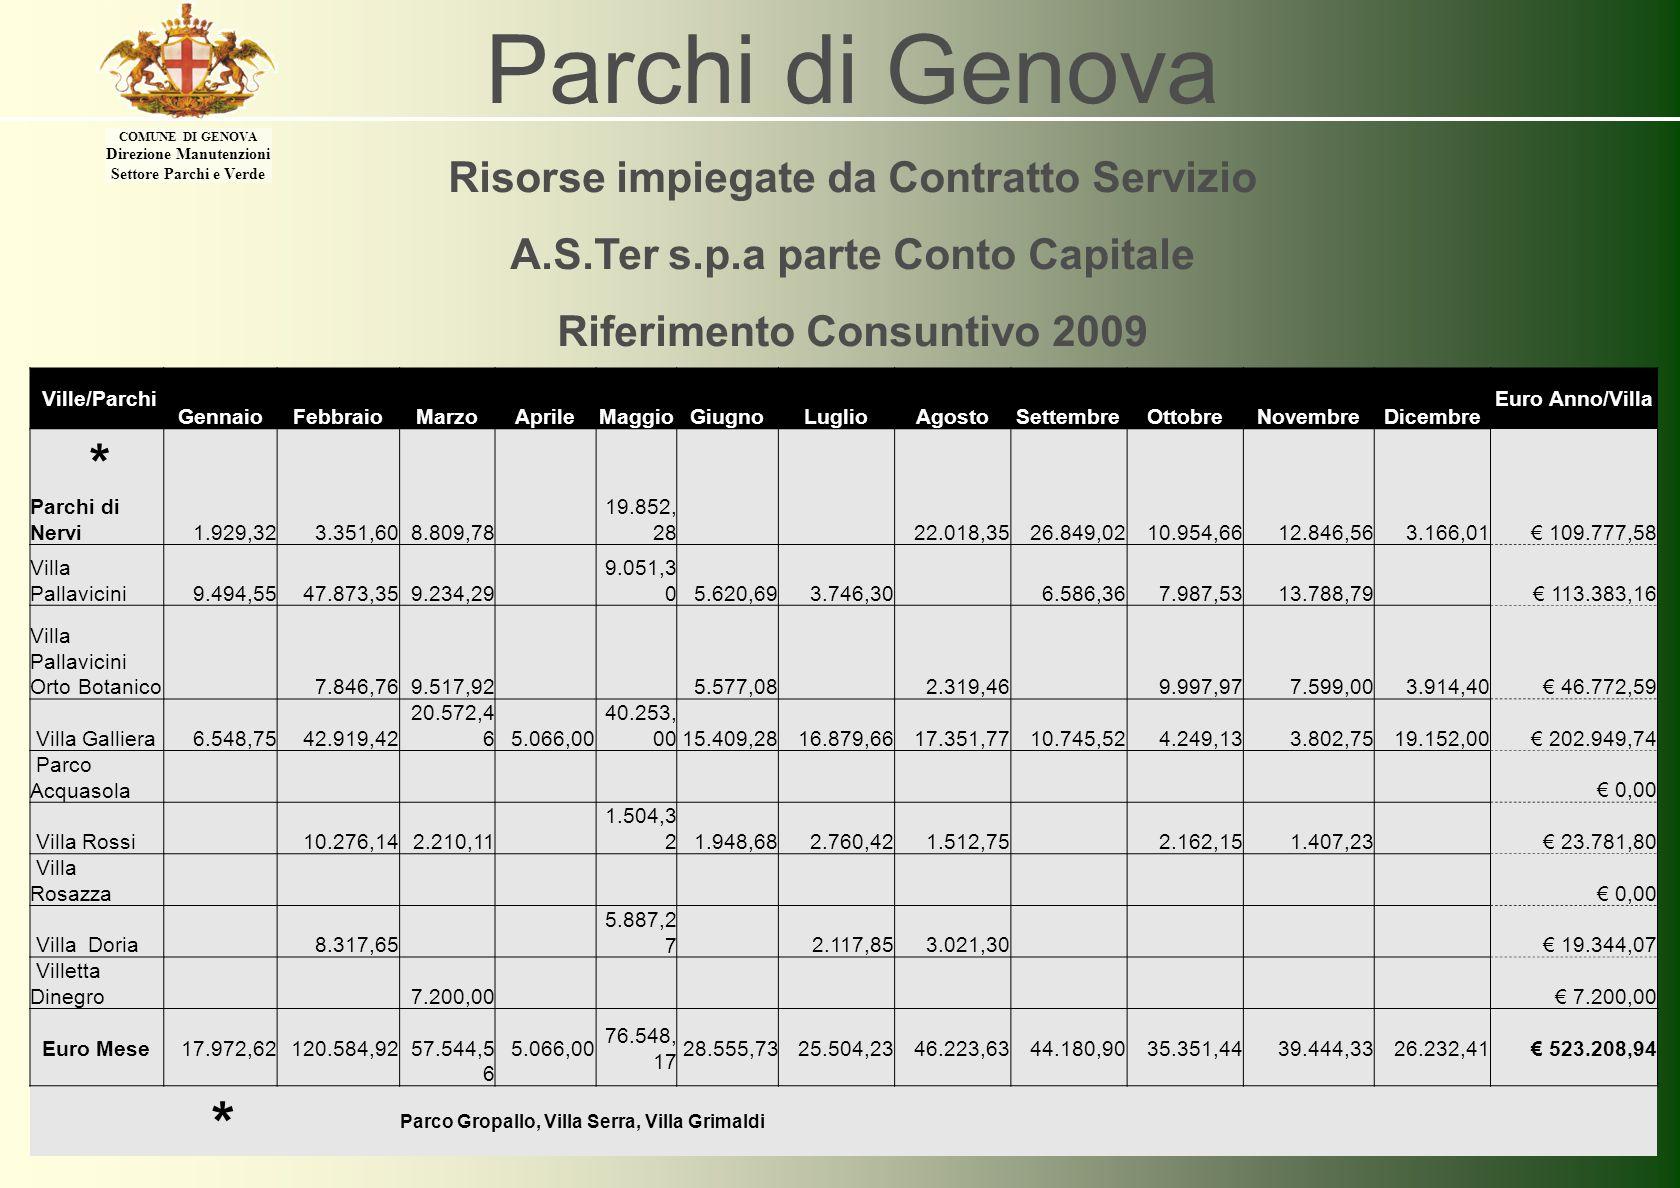 COMUNE DI GENOVA Direzione Manutenzioni Settore Parchi e Verde Parchi di Genova Attività da Contratto Servizio A.S.Ter s.p.a in vigore PROSPETTO DI RIEPILOGO DELLE FREQUENZE PREVISTE PER I SINGOLI TIPI DI ATTIVITA DI MANUTENZIONE (salvo diversa indicazione i valori sono espressi come numero totale previsto di interventi all anno) CODICI DI ATTIVITA N.12345678 Num.